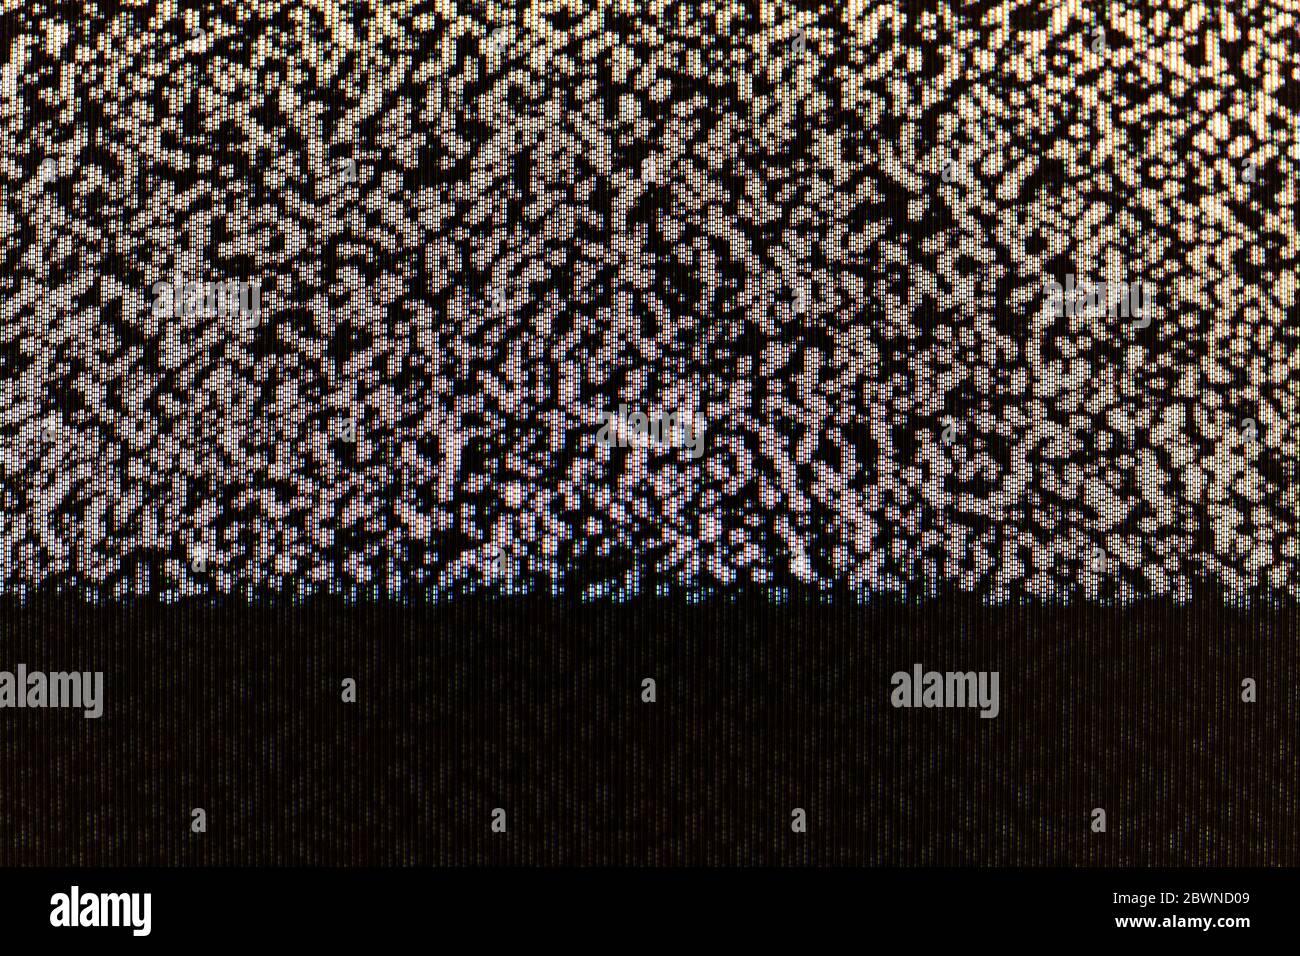 TV-Bildschirm statische abstrakt Pixel Glitch analoge Rauschen pixelisierte Hintergrundstruktur, Kopierraum. Retro verpixelt Fernsehbildschirm, gruselig gruselig Monitor Stockfoto